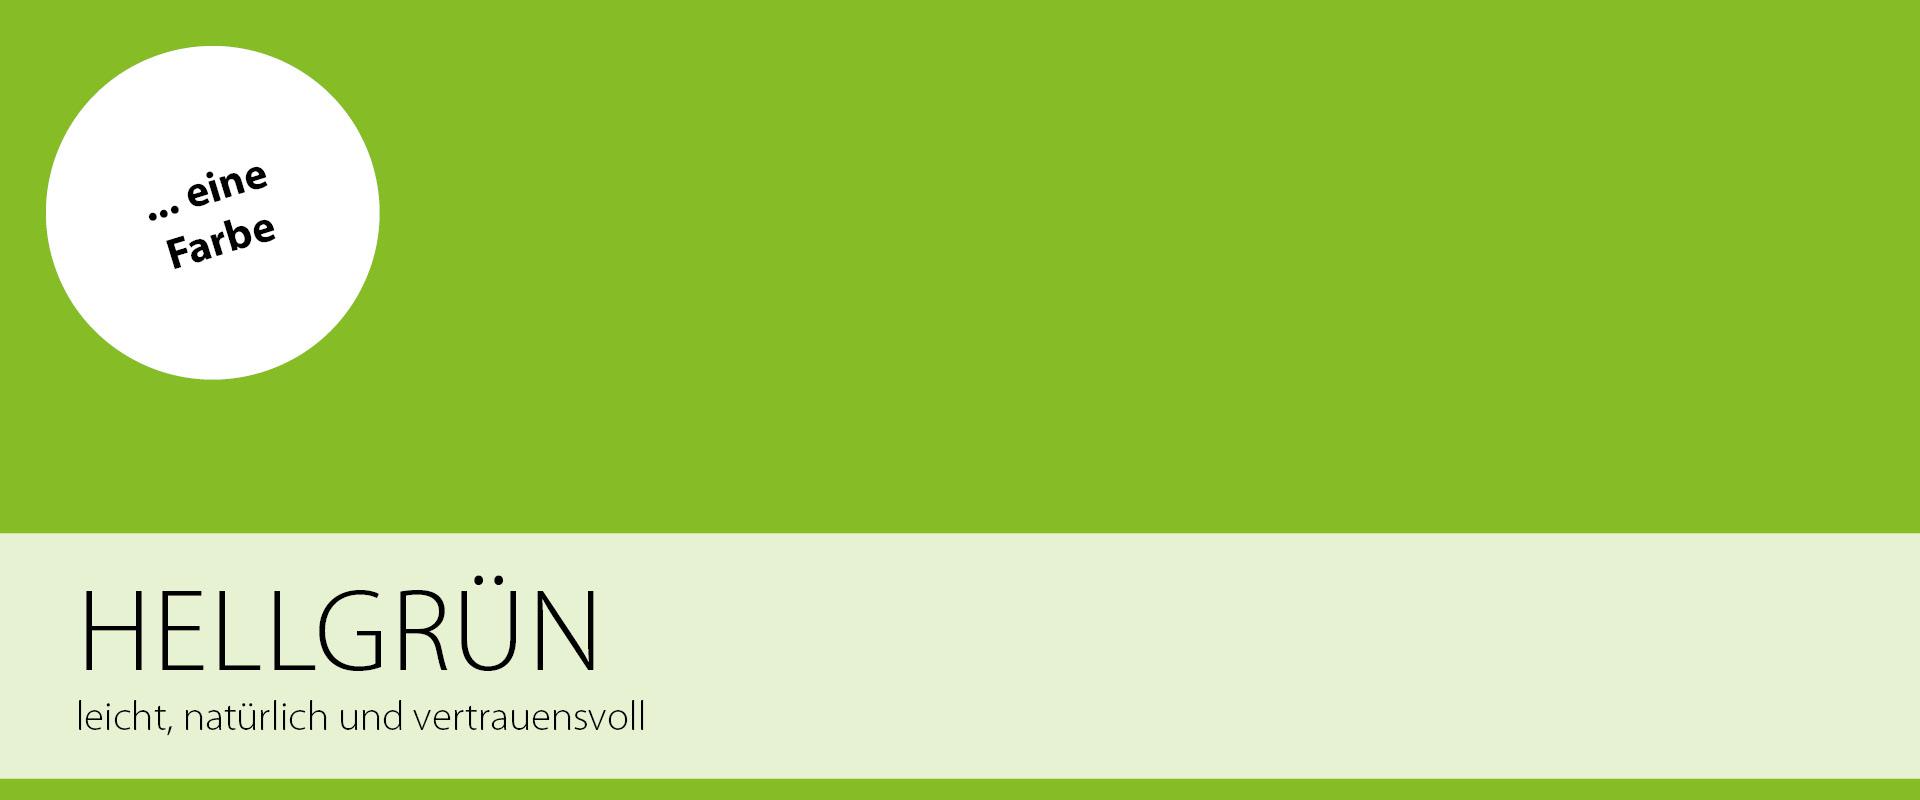 Eine Farbe: Grün